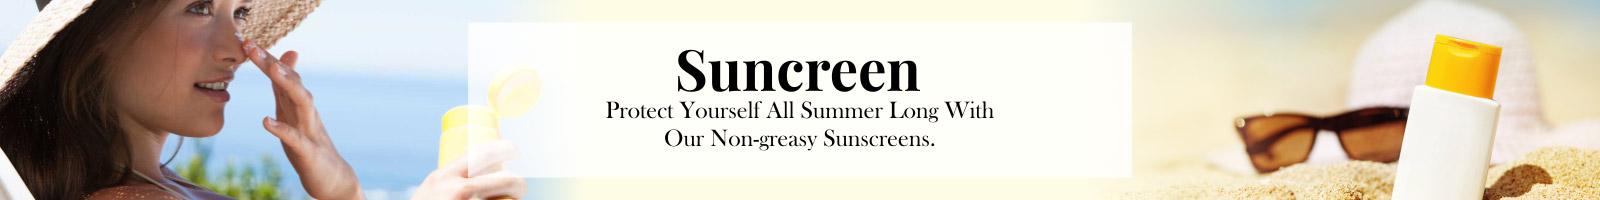 Body Sunscreen & Outdoor Care